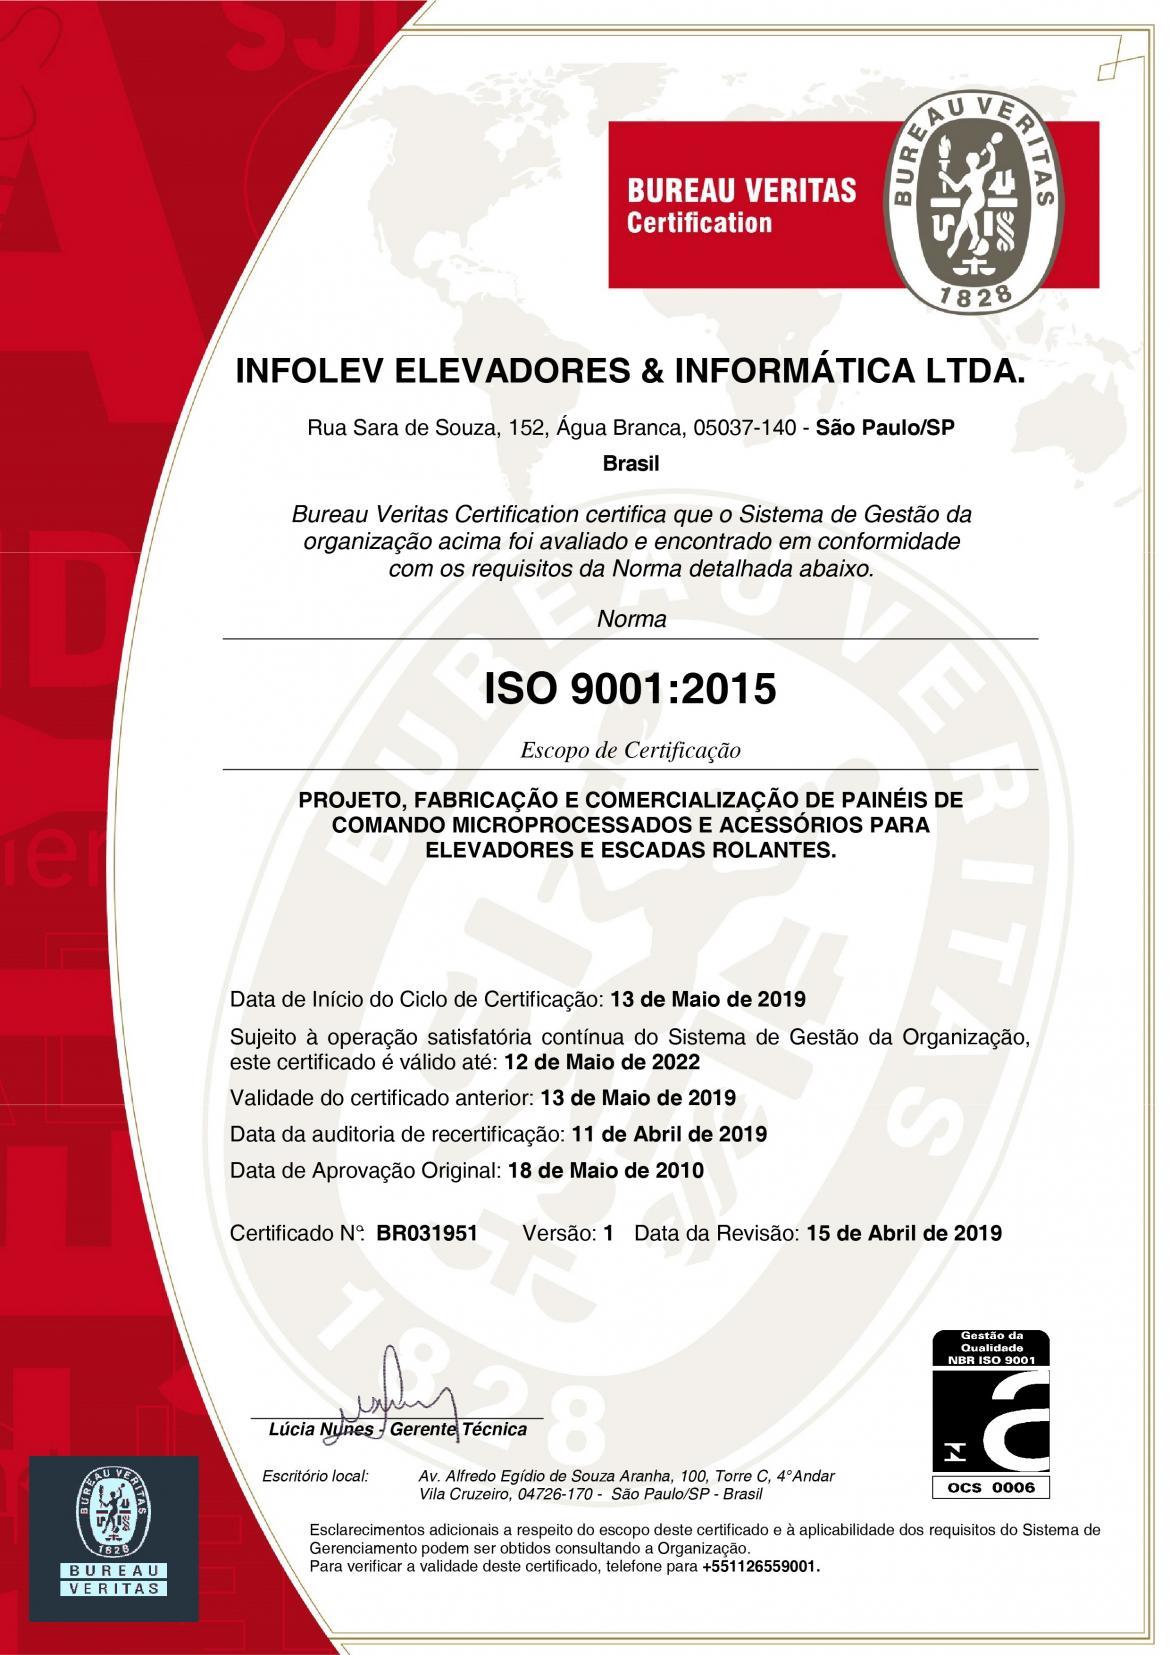 Infolev - Mais de 20 anos com certificação ISO 9001!